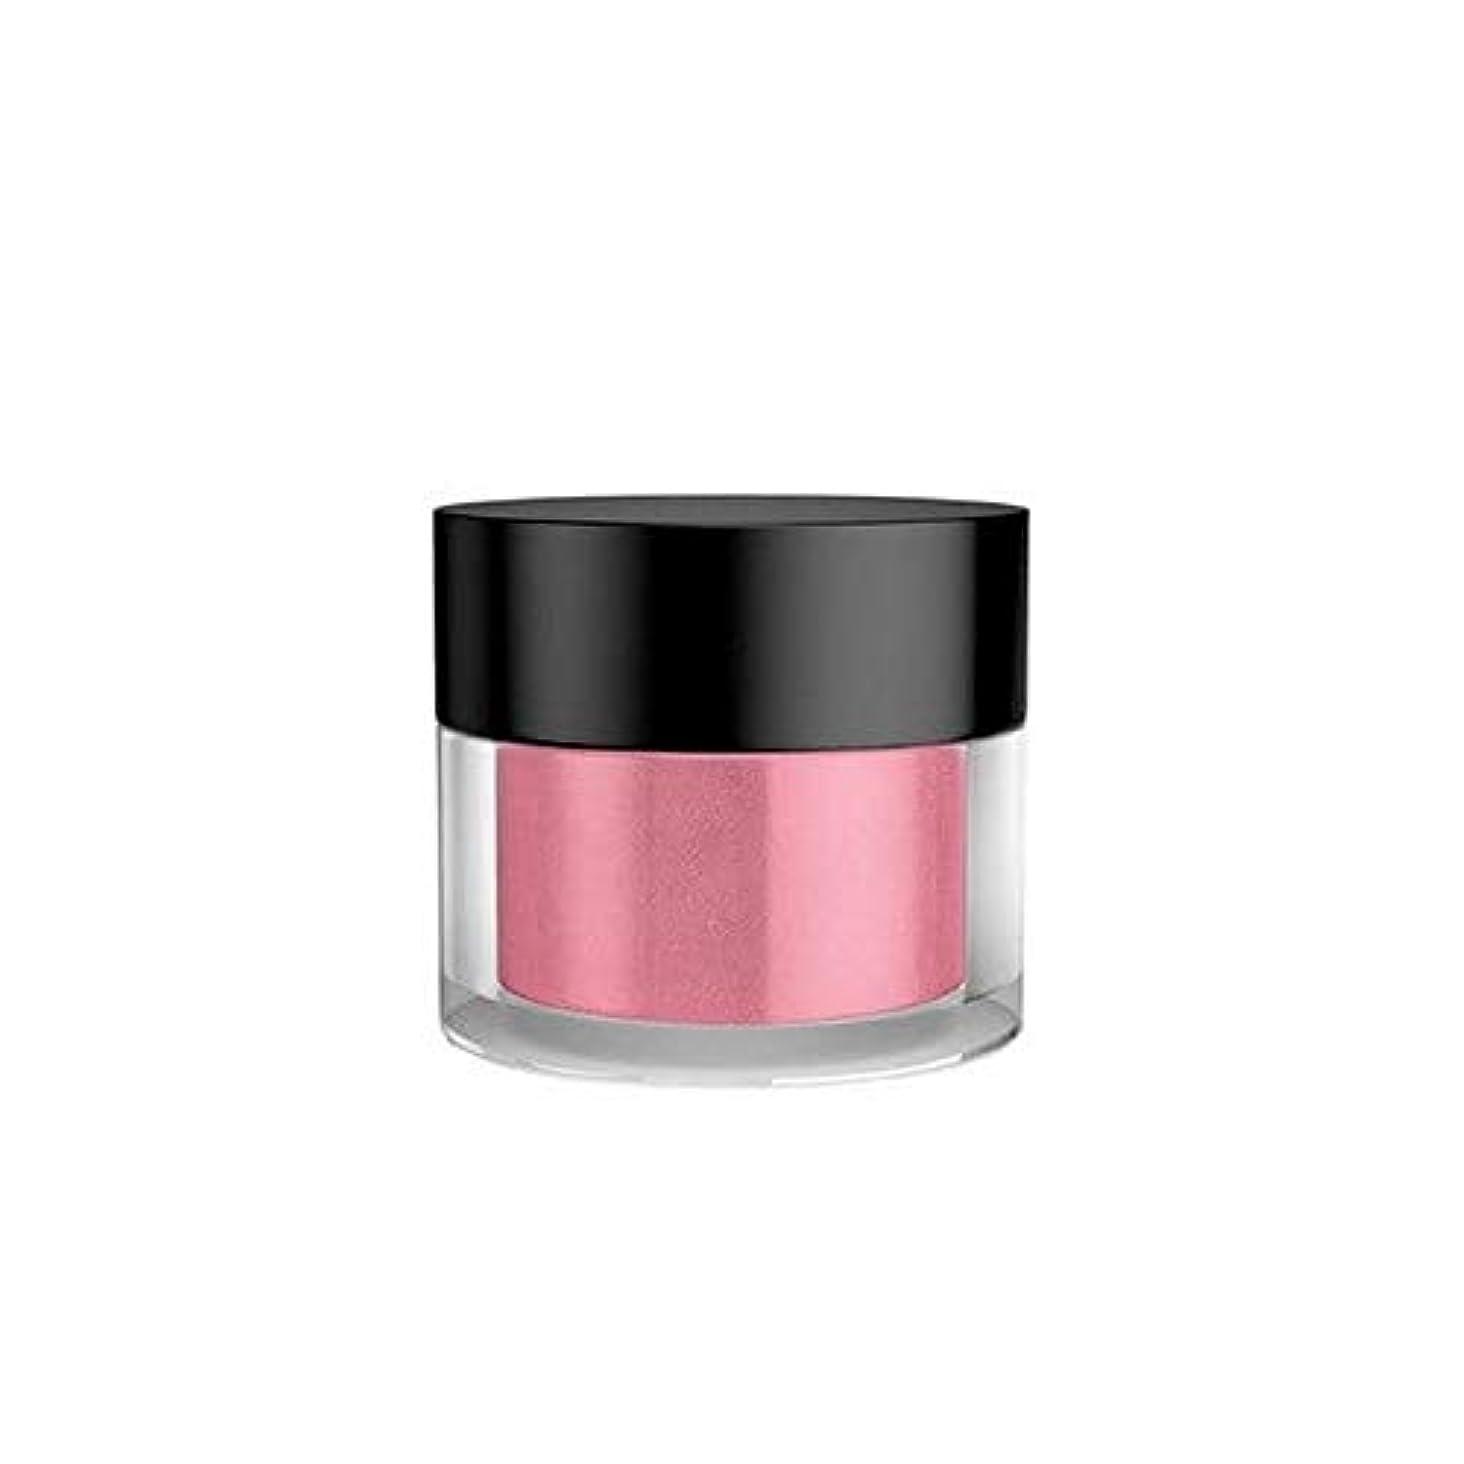 十代研磨剤懐[GOSH ] おやっ効果粉末クロムは005をバラ - Gosh Effect Powder Chrome Rose 005 [並行輸入品]